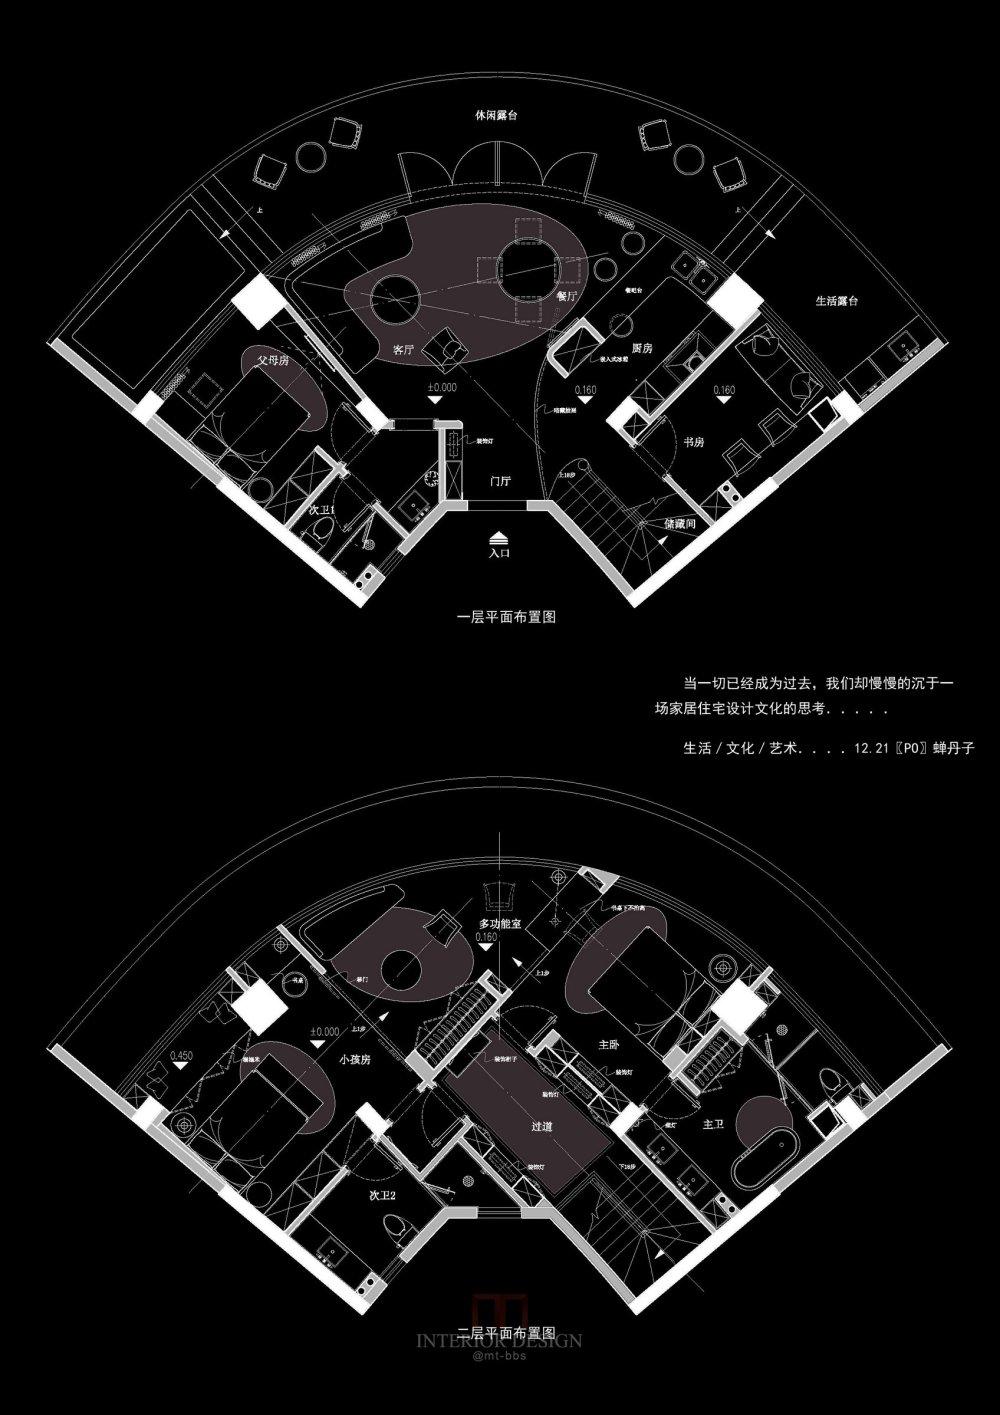 【第14期-住宅平面优化】一个跃层海景房11个方案 投票奖励DB_06.jpg